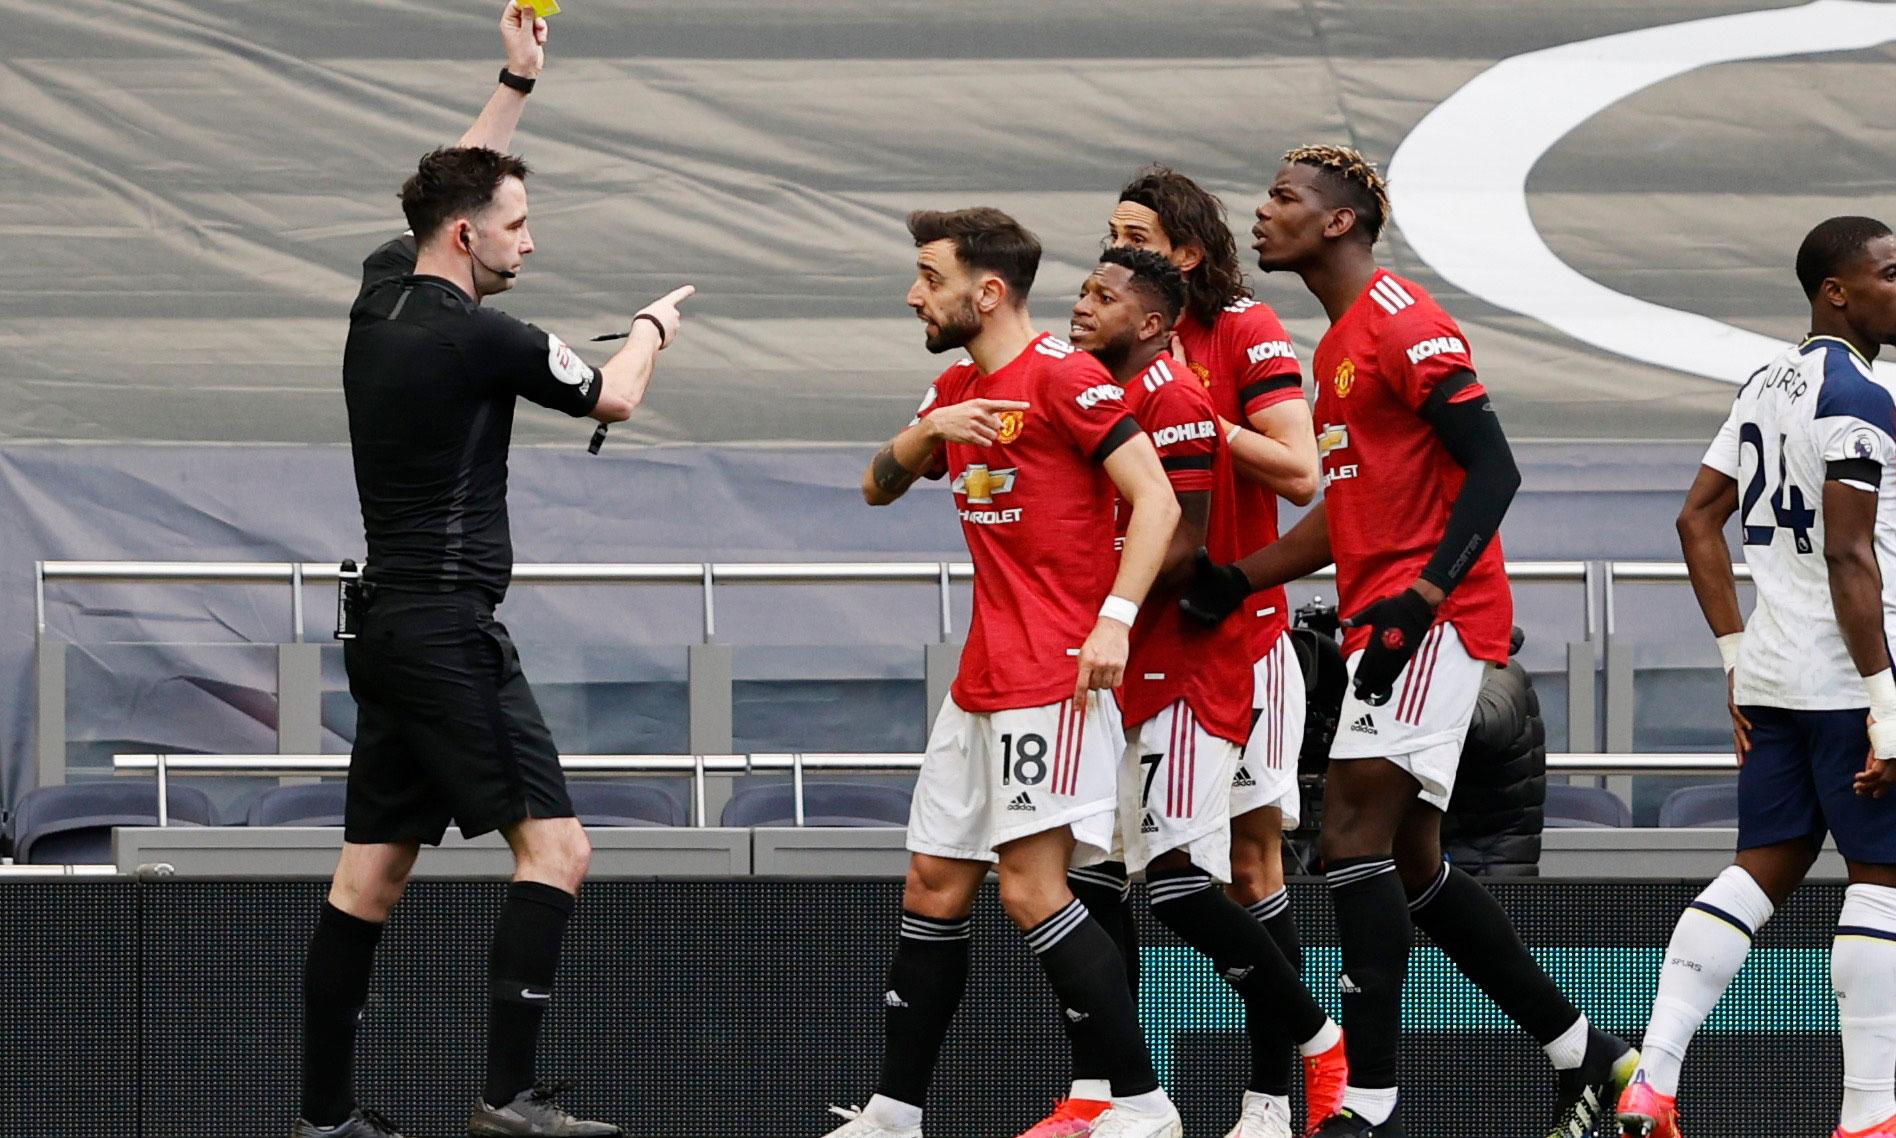 Cầu thủ Man Utd phản đối sau khi trọng tài từ chối bàn thắng của Cavani. Ảnh: Reuters.